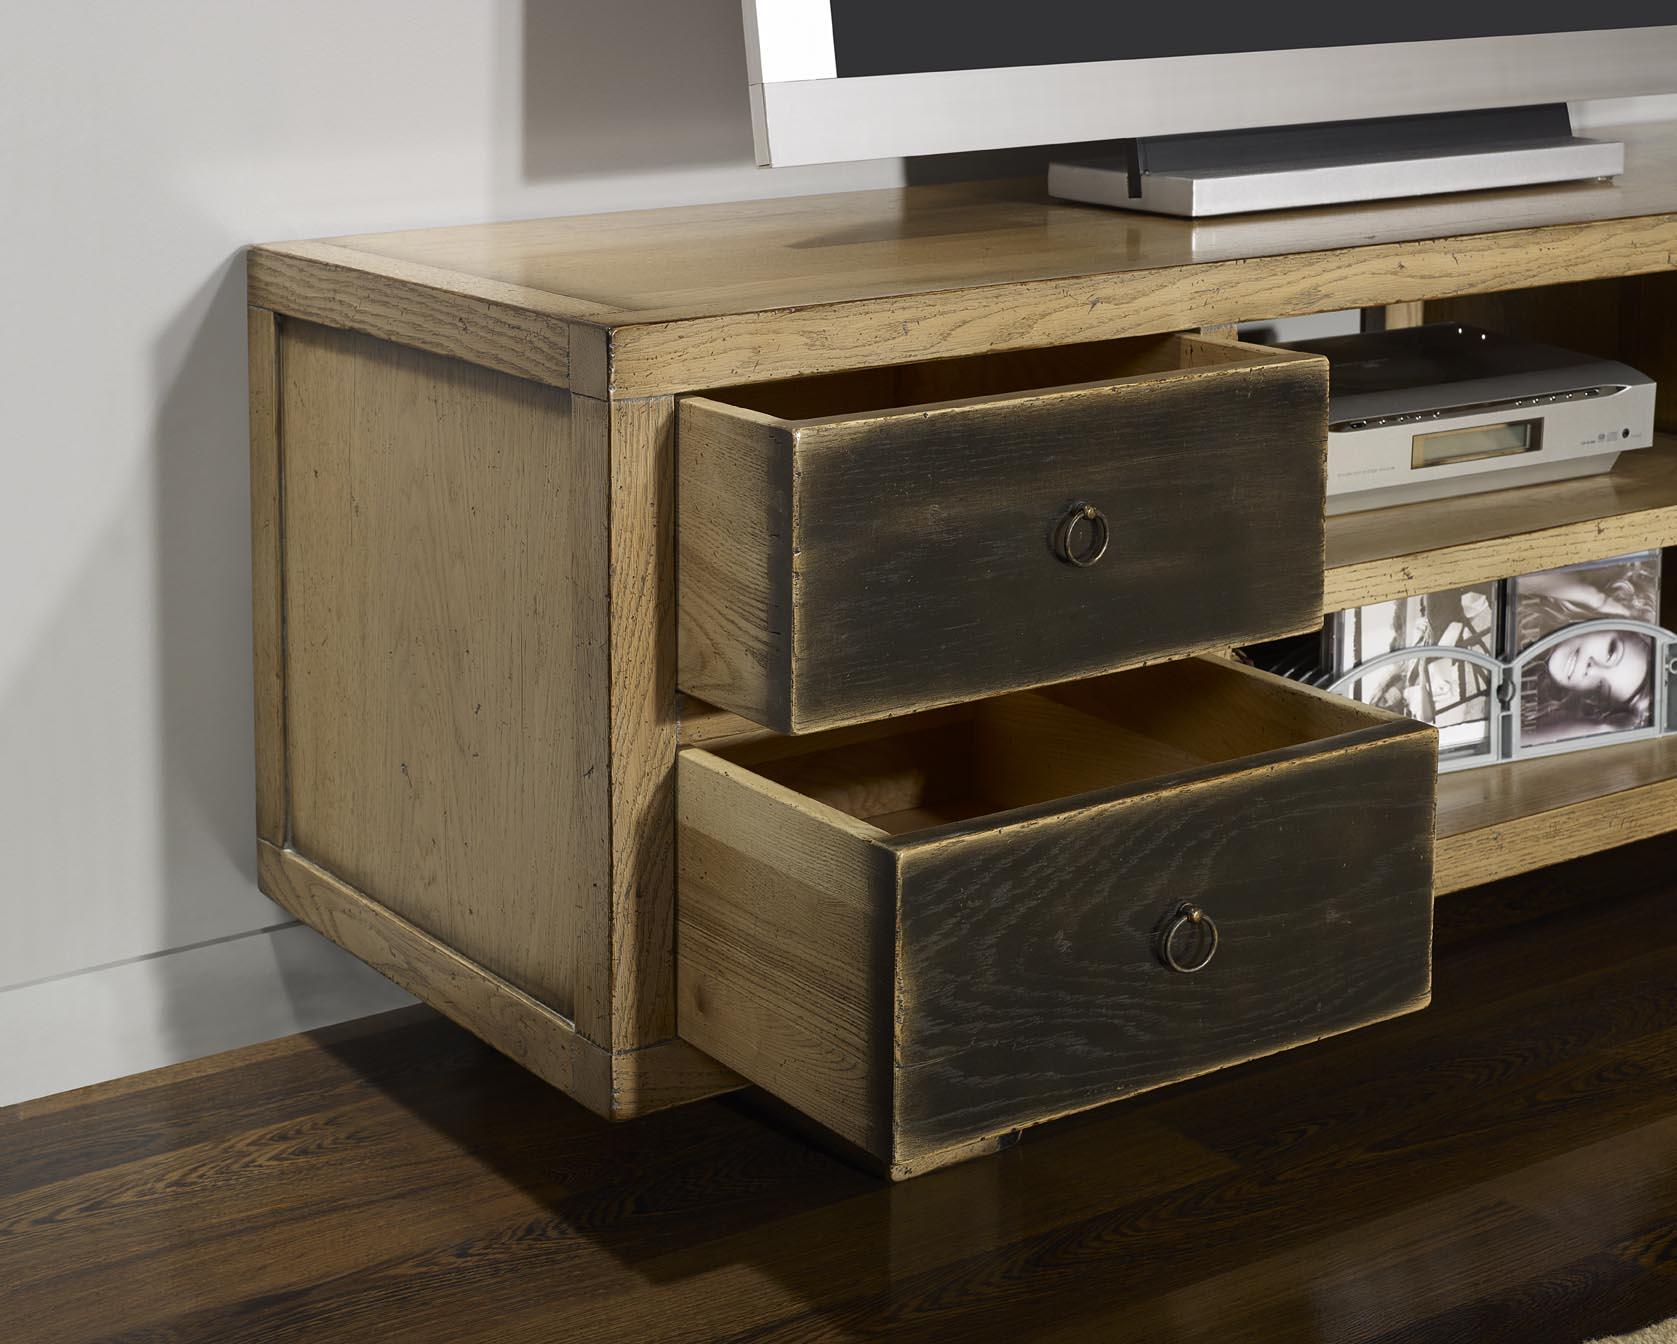 Mueble televisi n y hi fi con 4 cajones hecho en madera de - Muebles de madera de roble ...